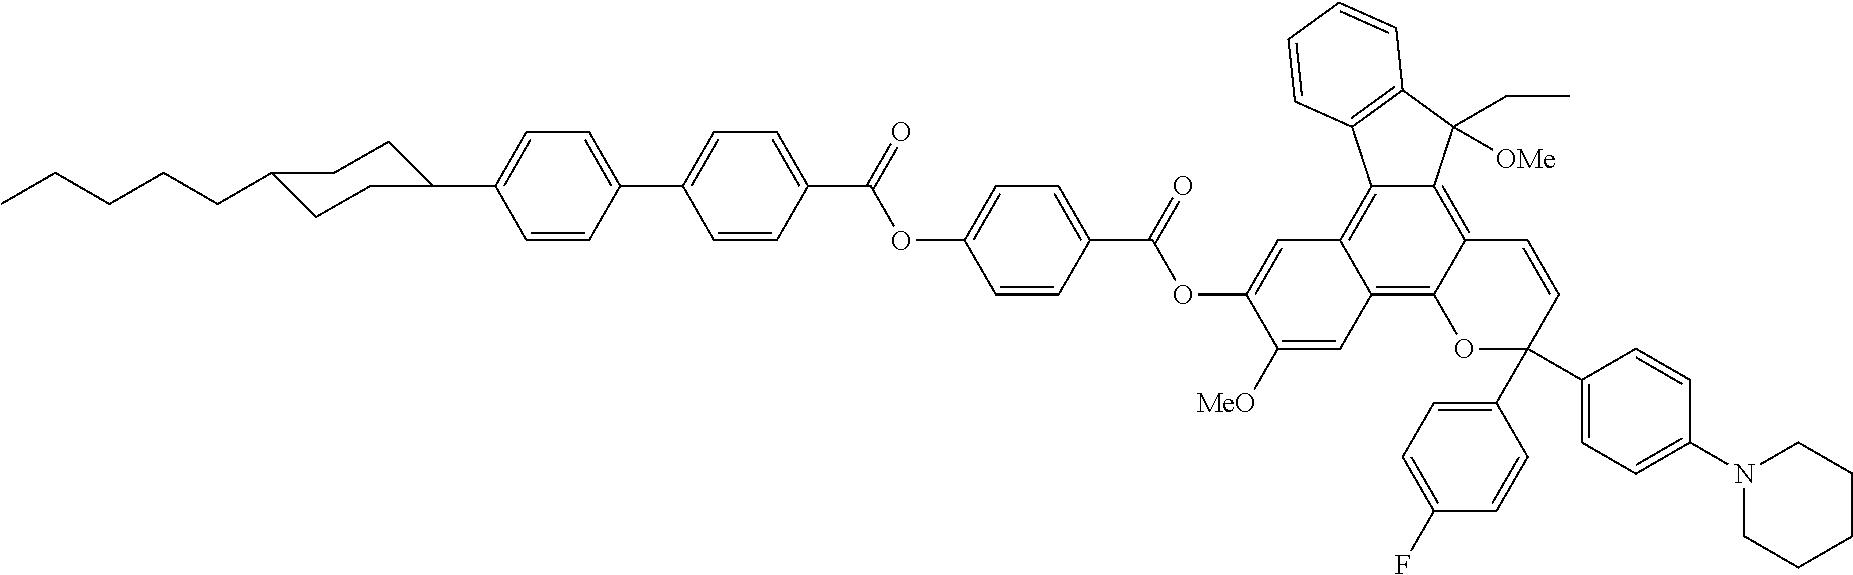 Figure US08518546-20130827-C00022